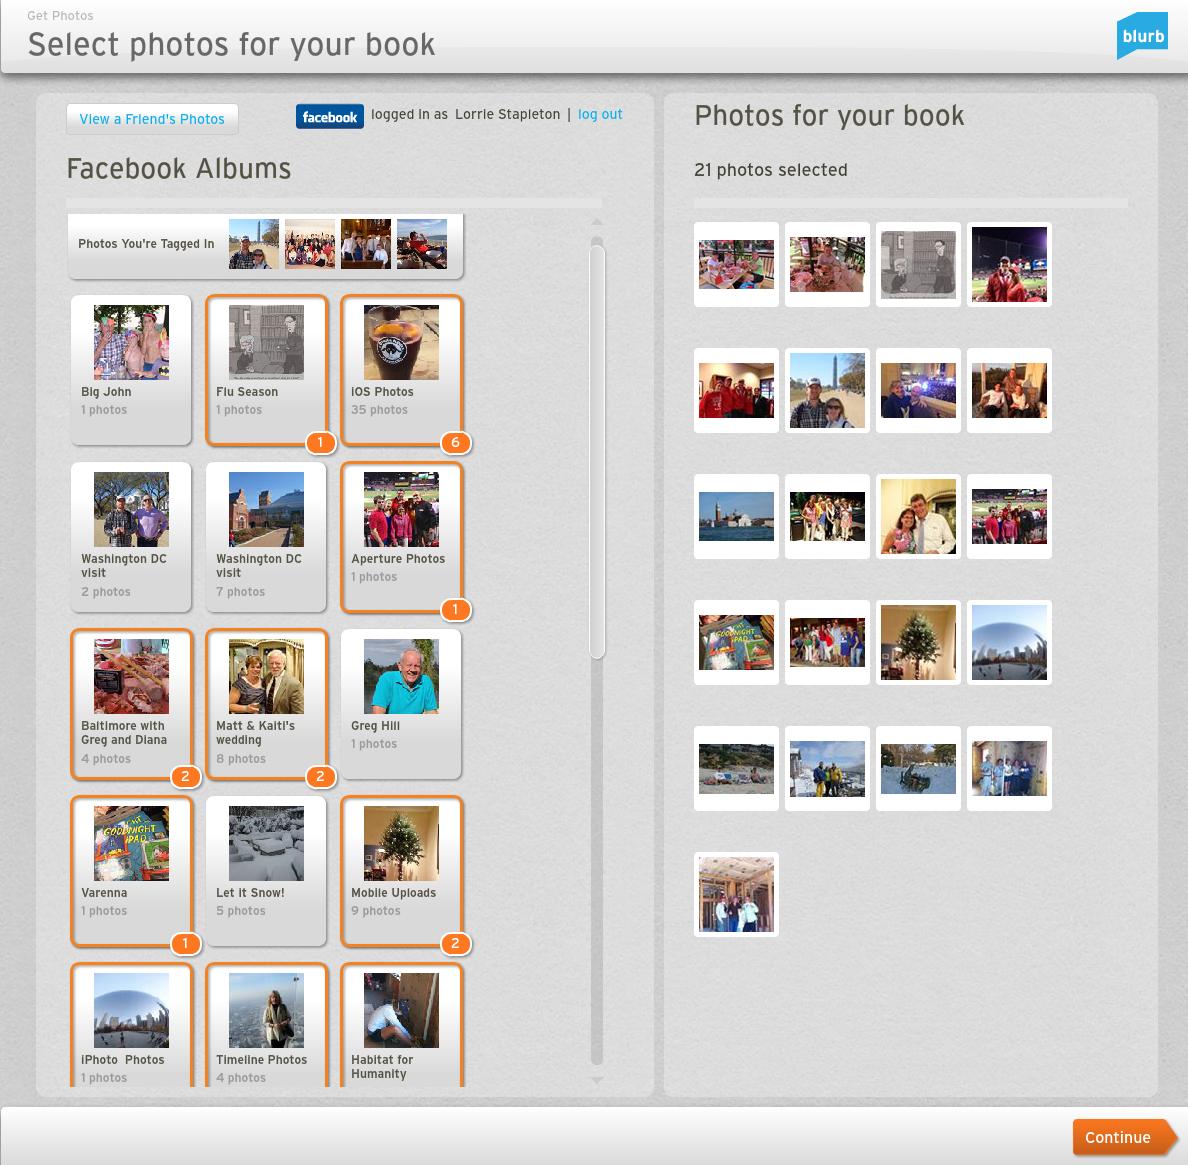 Screen Shot 2013-11-28 at 12.03.16 PM.png